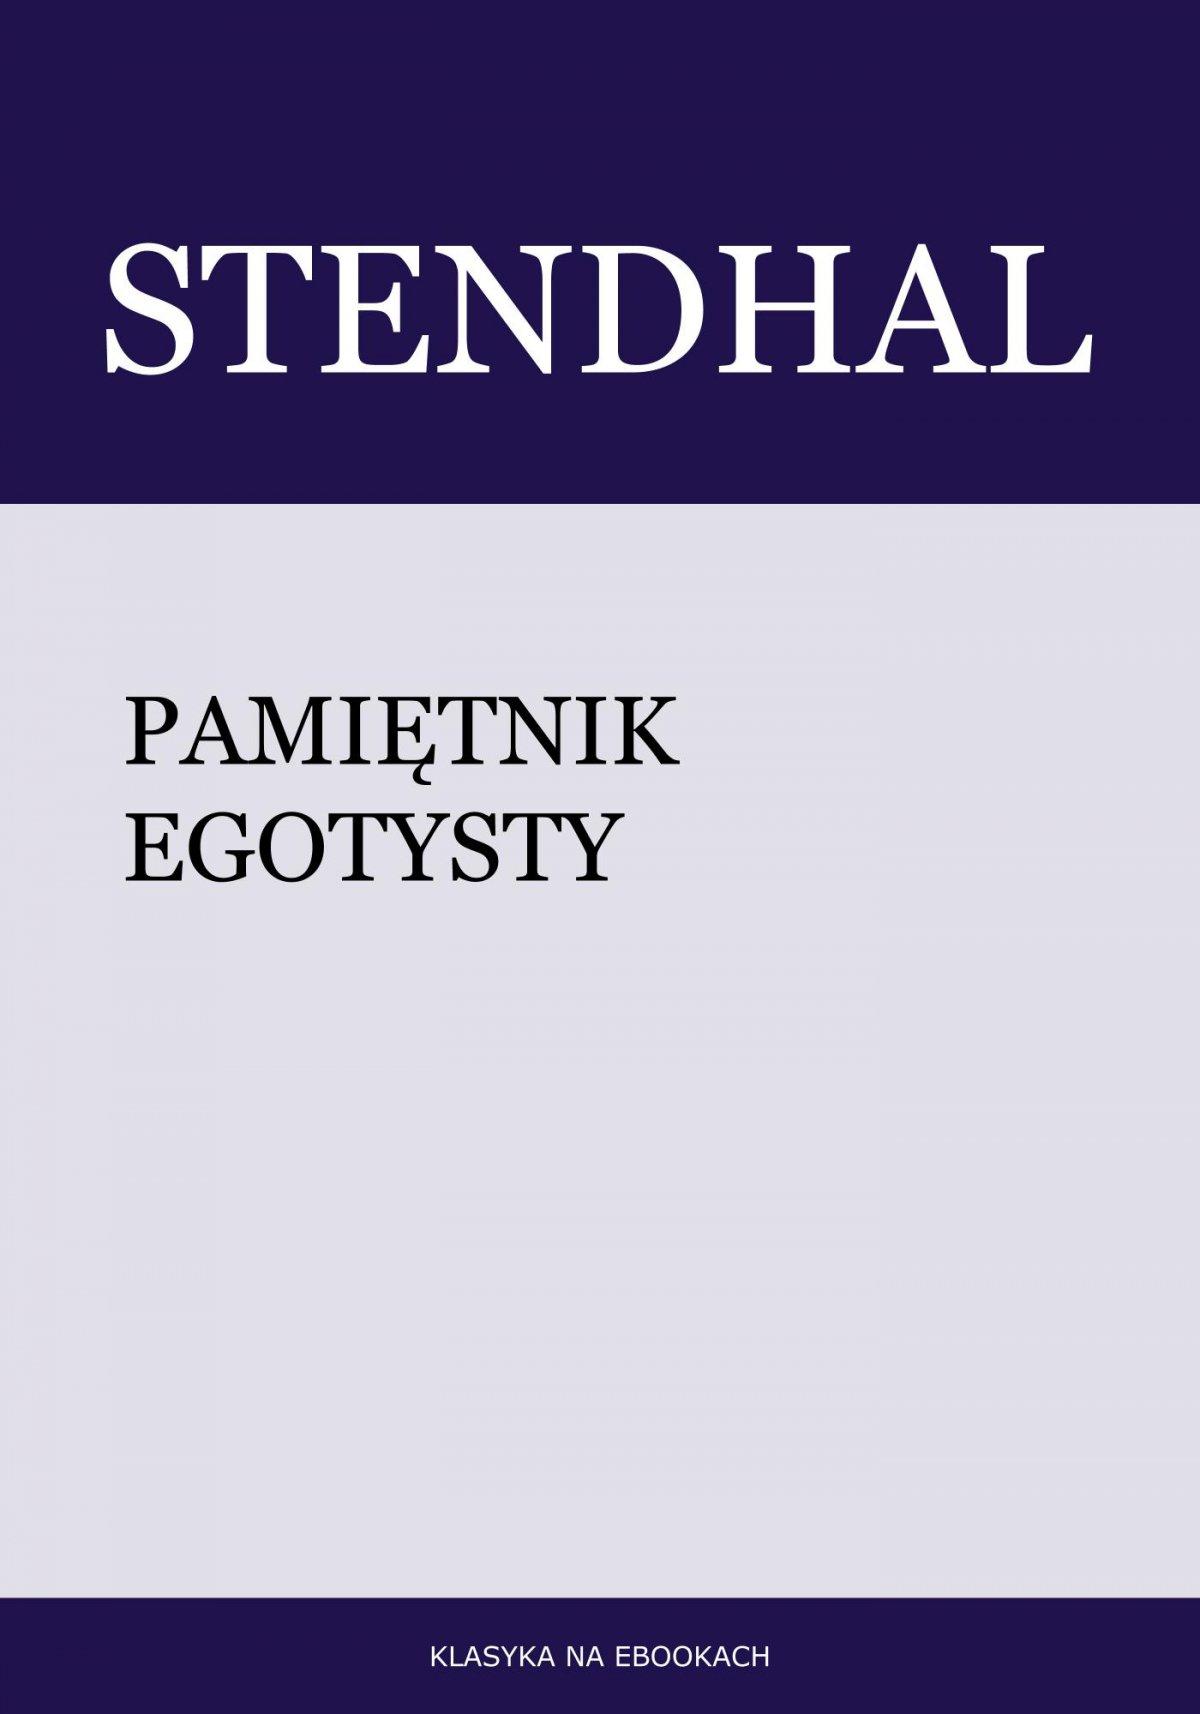 Pamiętnik egotysty - Ebook (Książka EPUB) do pobrania w formacie EPUB